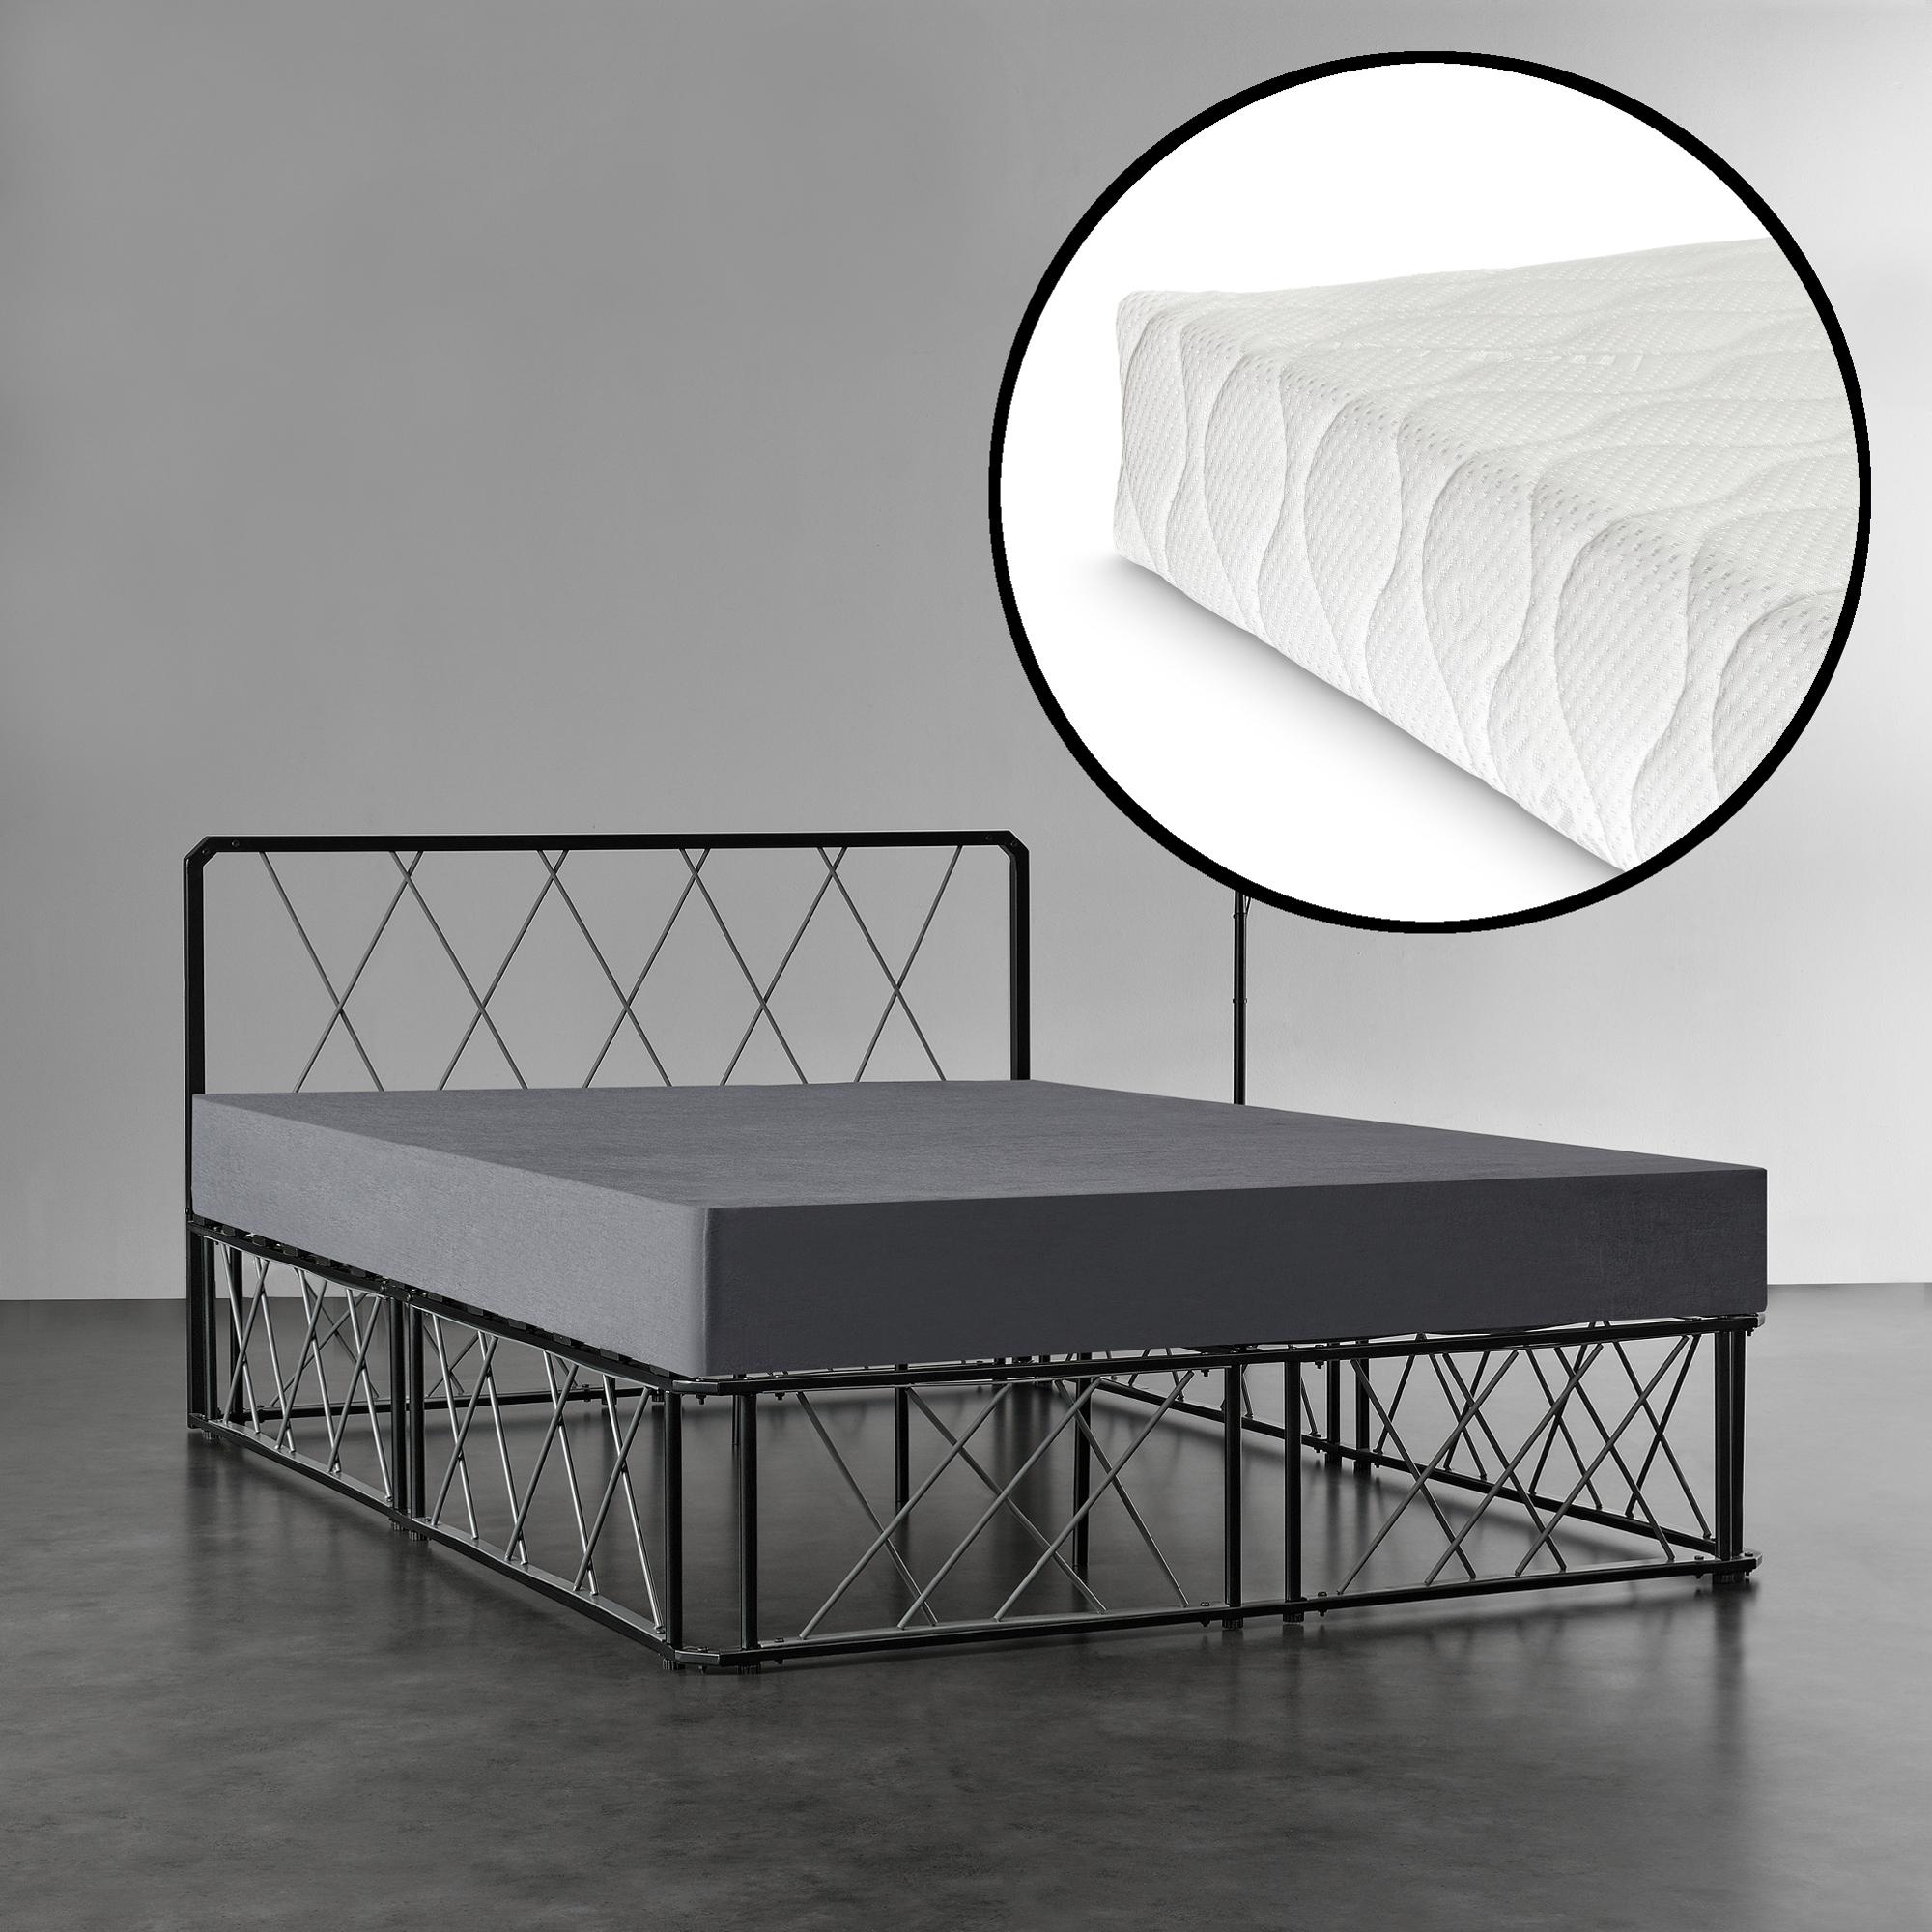 metallbett 140x200 schwarz grau mit matratze design bett schlafzimmer ebay. Black Bedroom Furniture Sets. Home Design Ideas